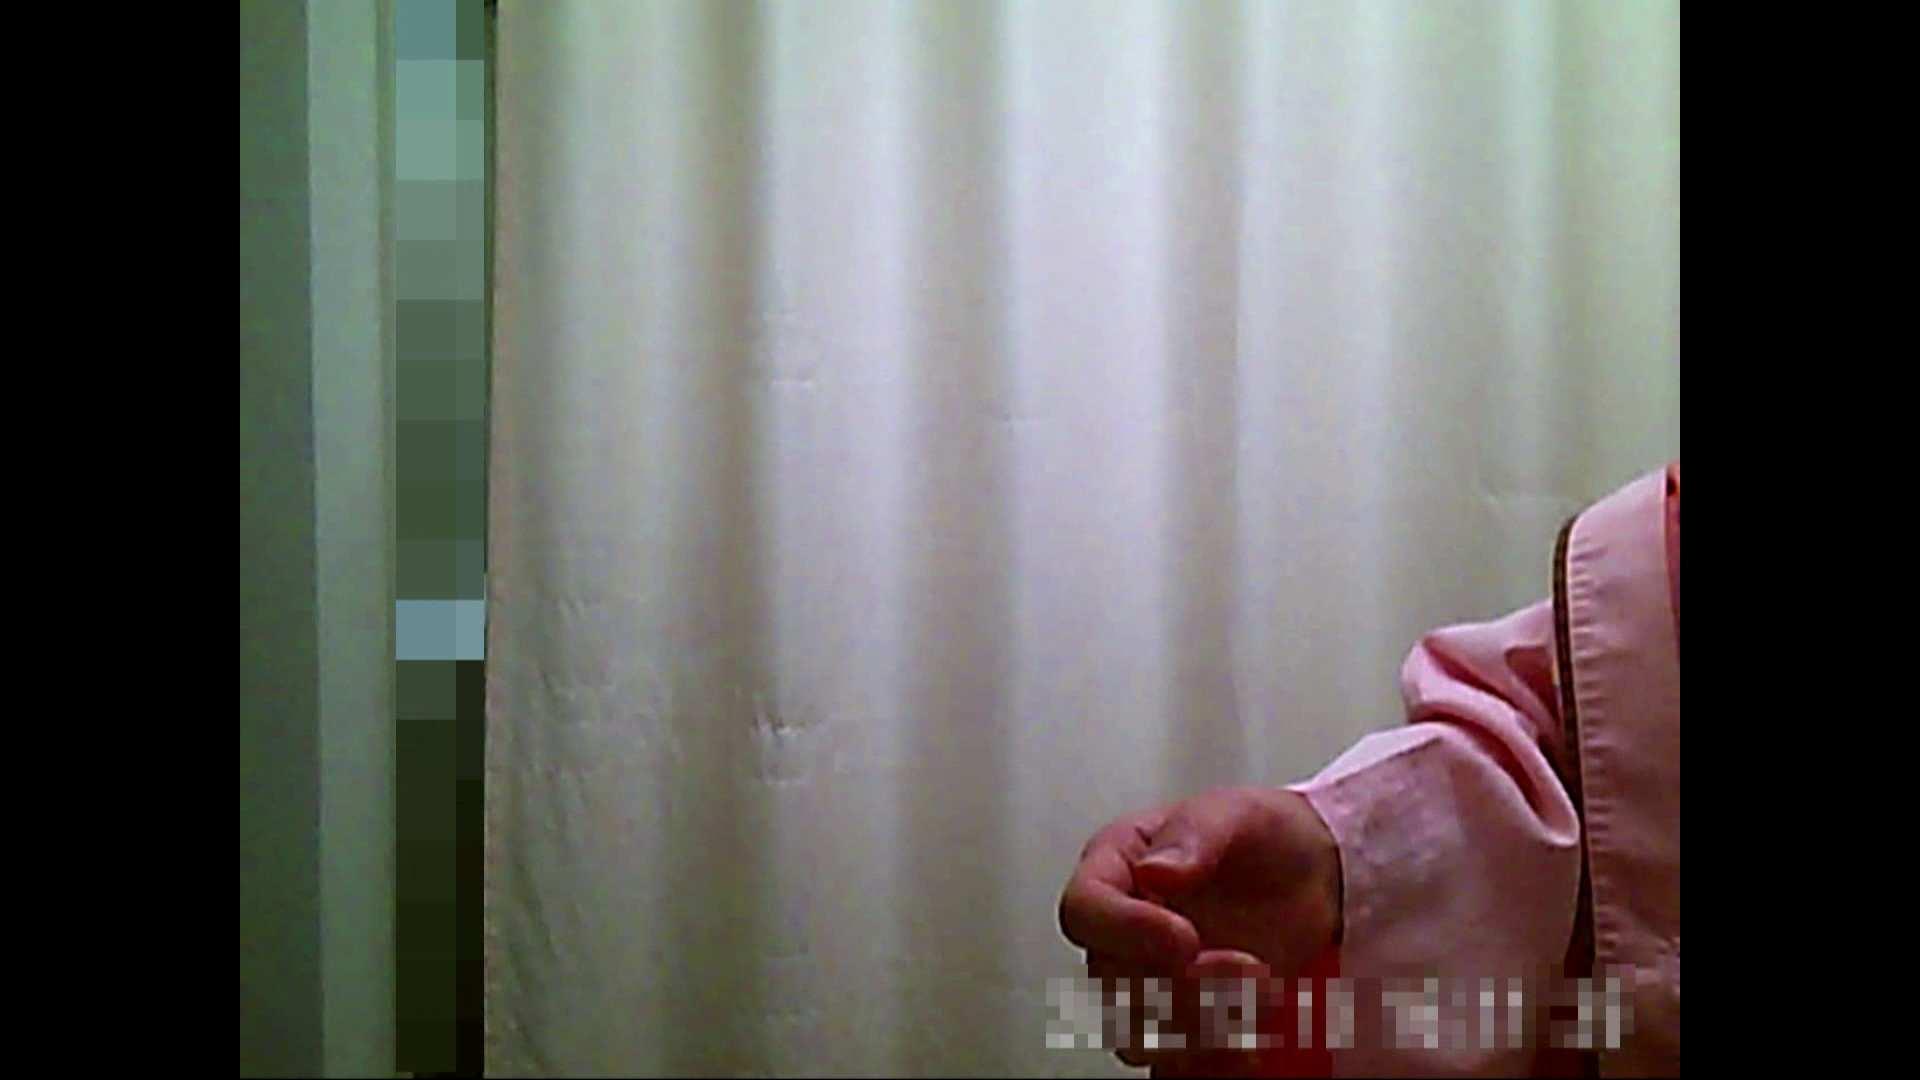 病院おもいっきり着替え! vol.172 おっぱい オマンコ無修正動画無料 102画像 67